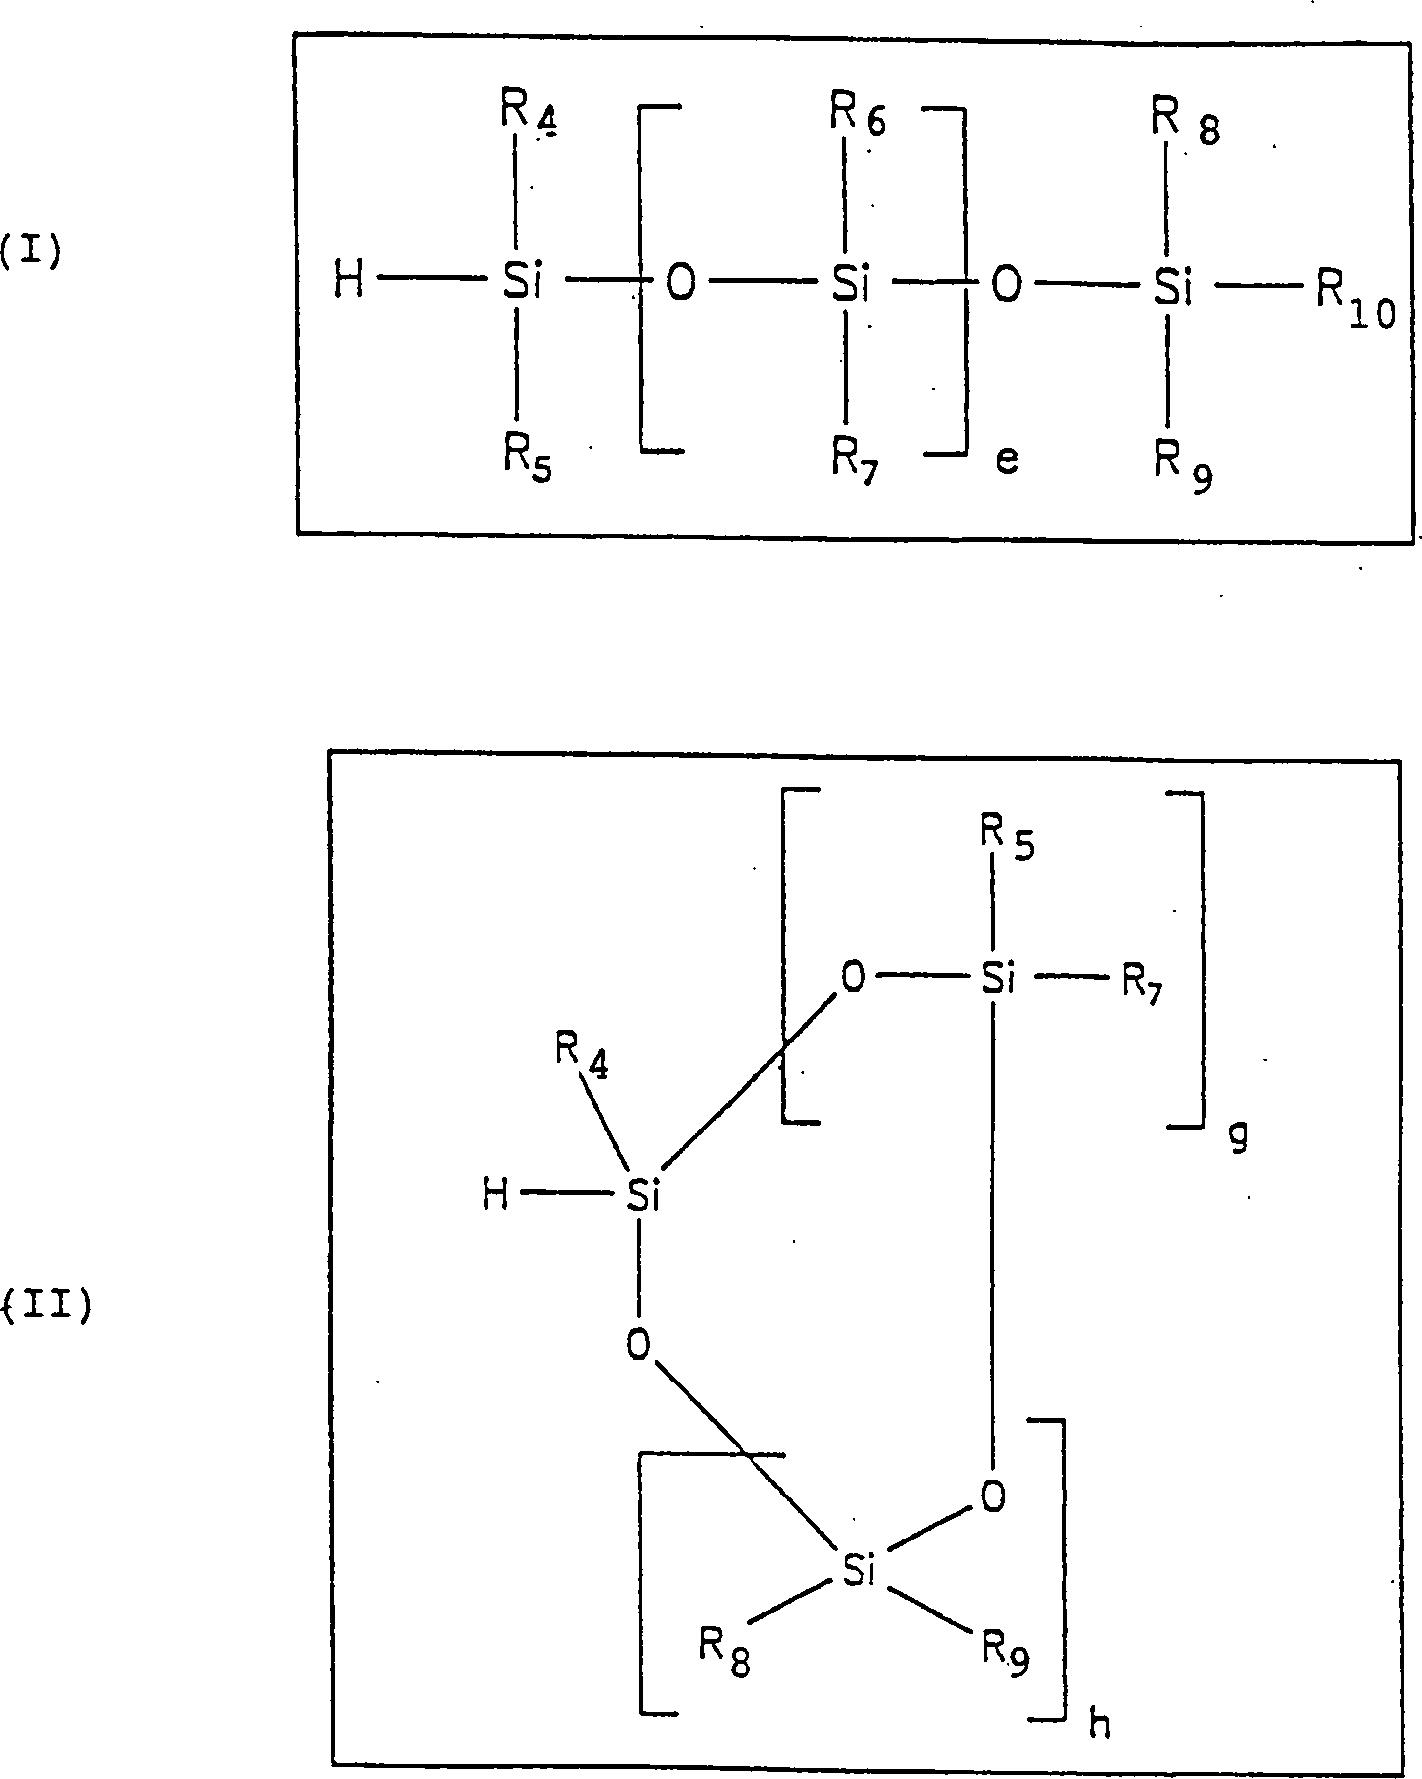 Figure DE000019719438C5_0004